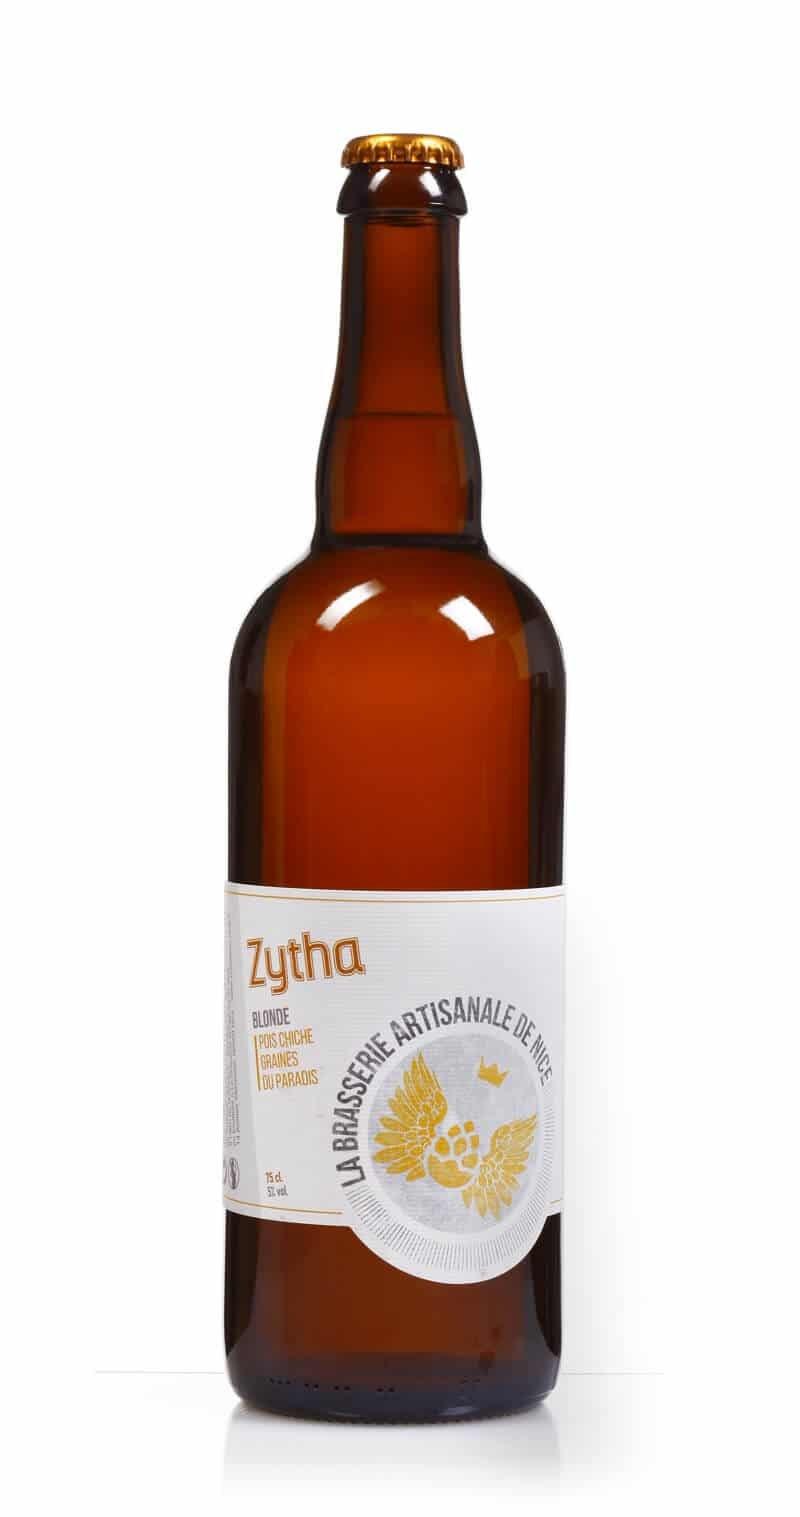 Bière Zytha